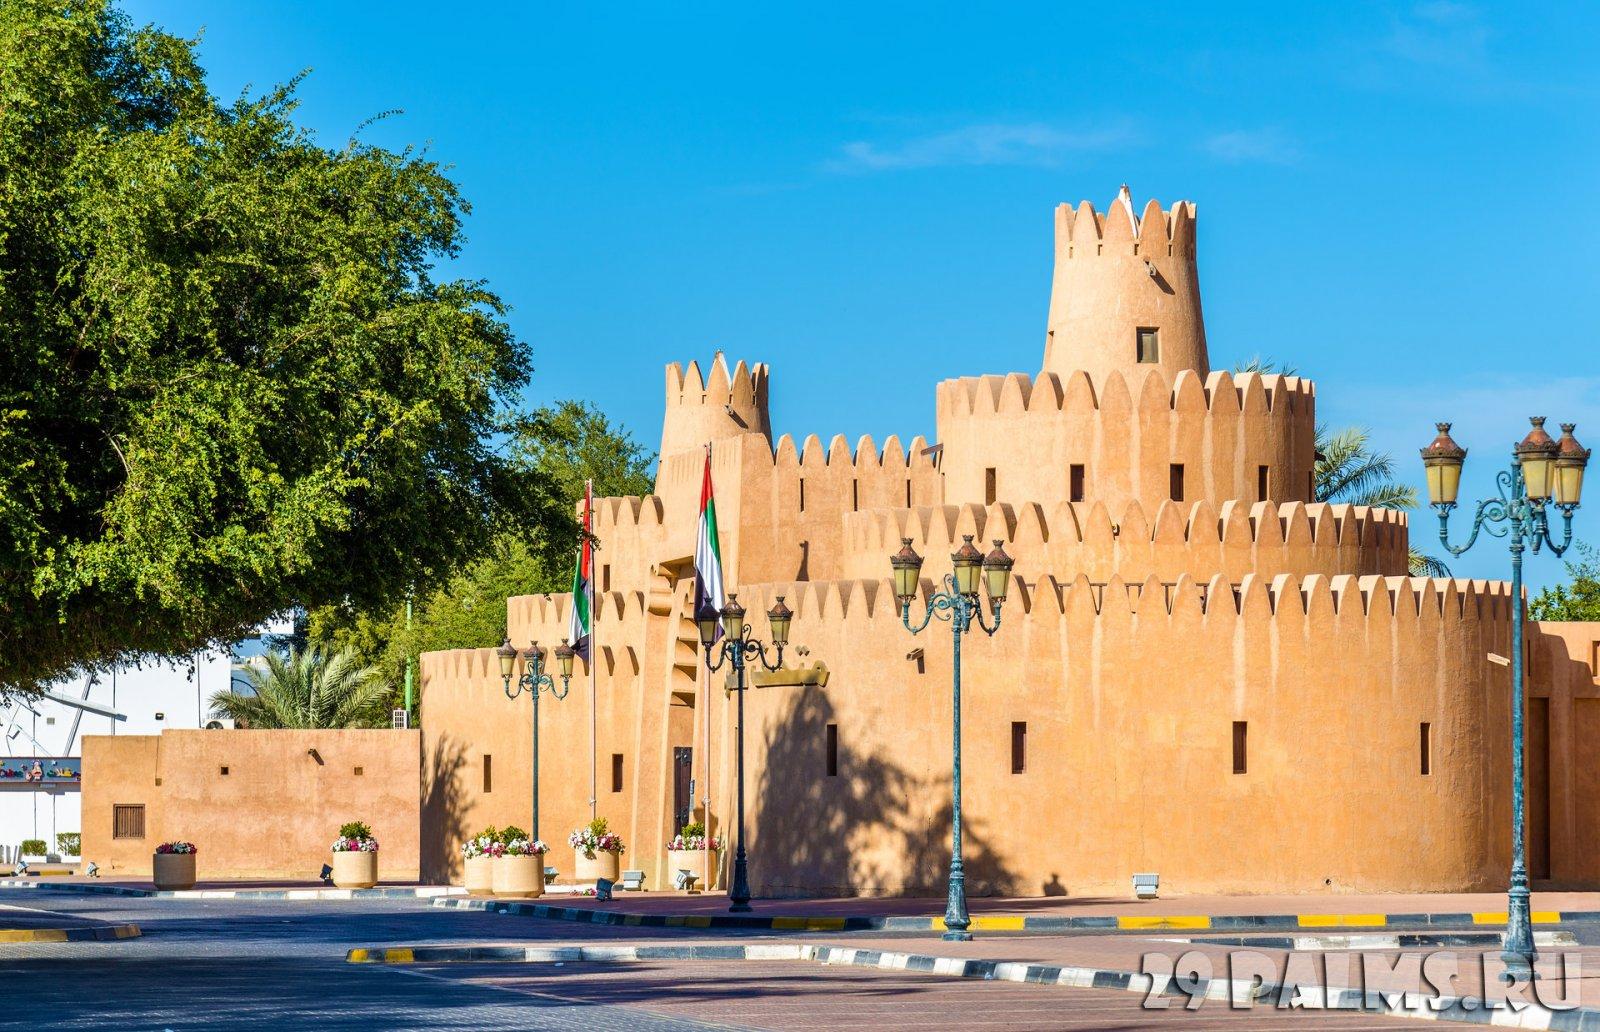 Этнографическая деревня в городе Абу-Даби